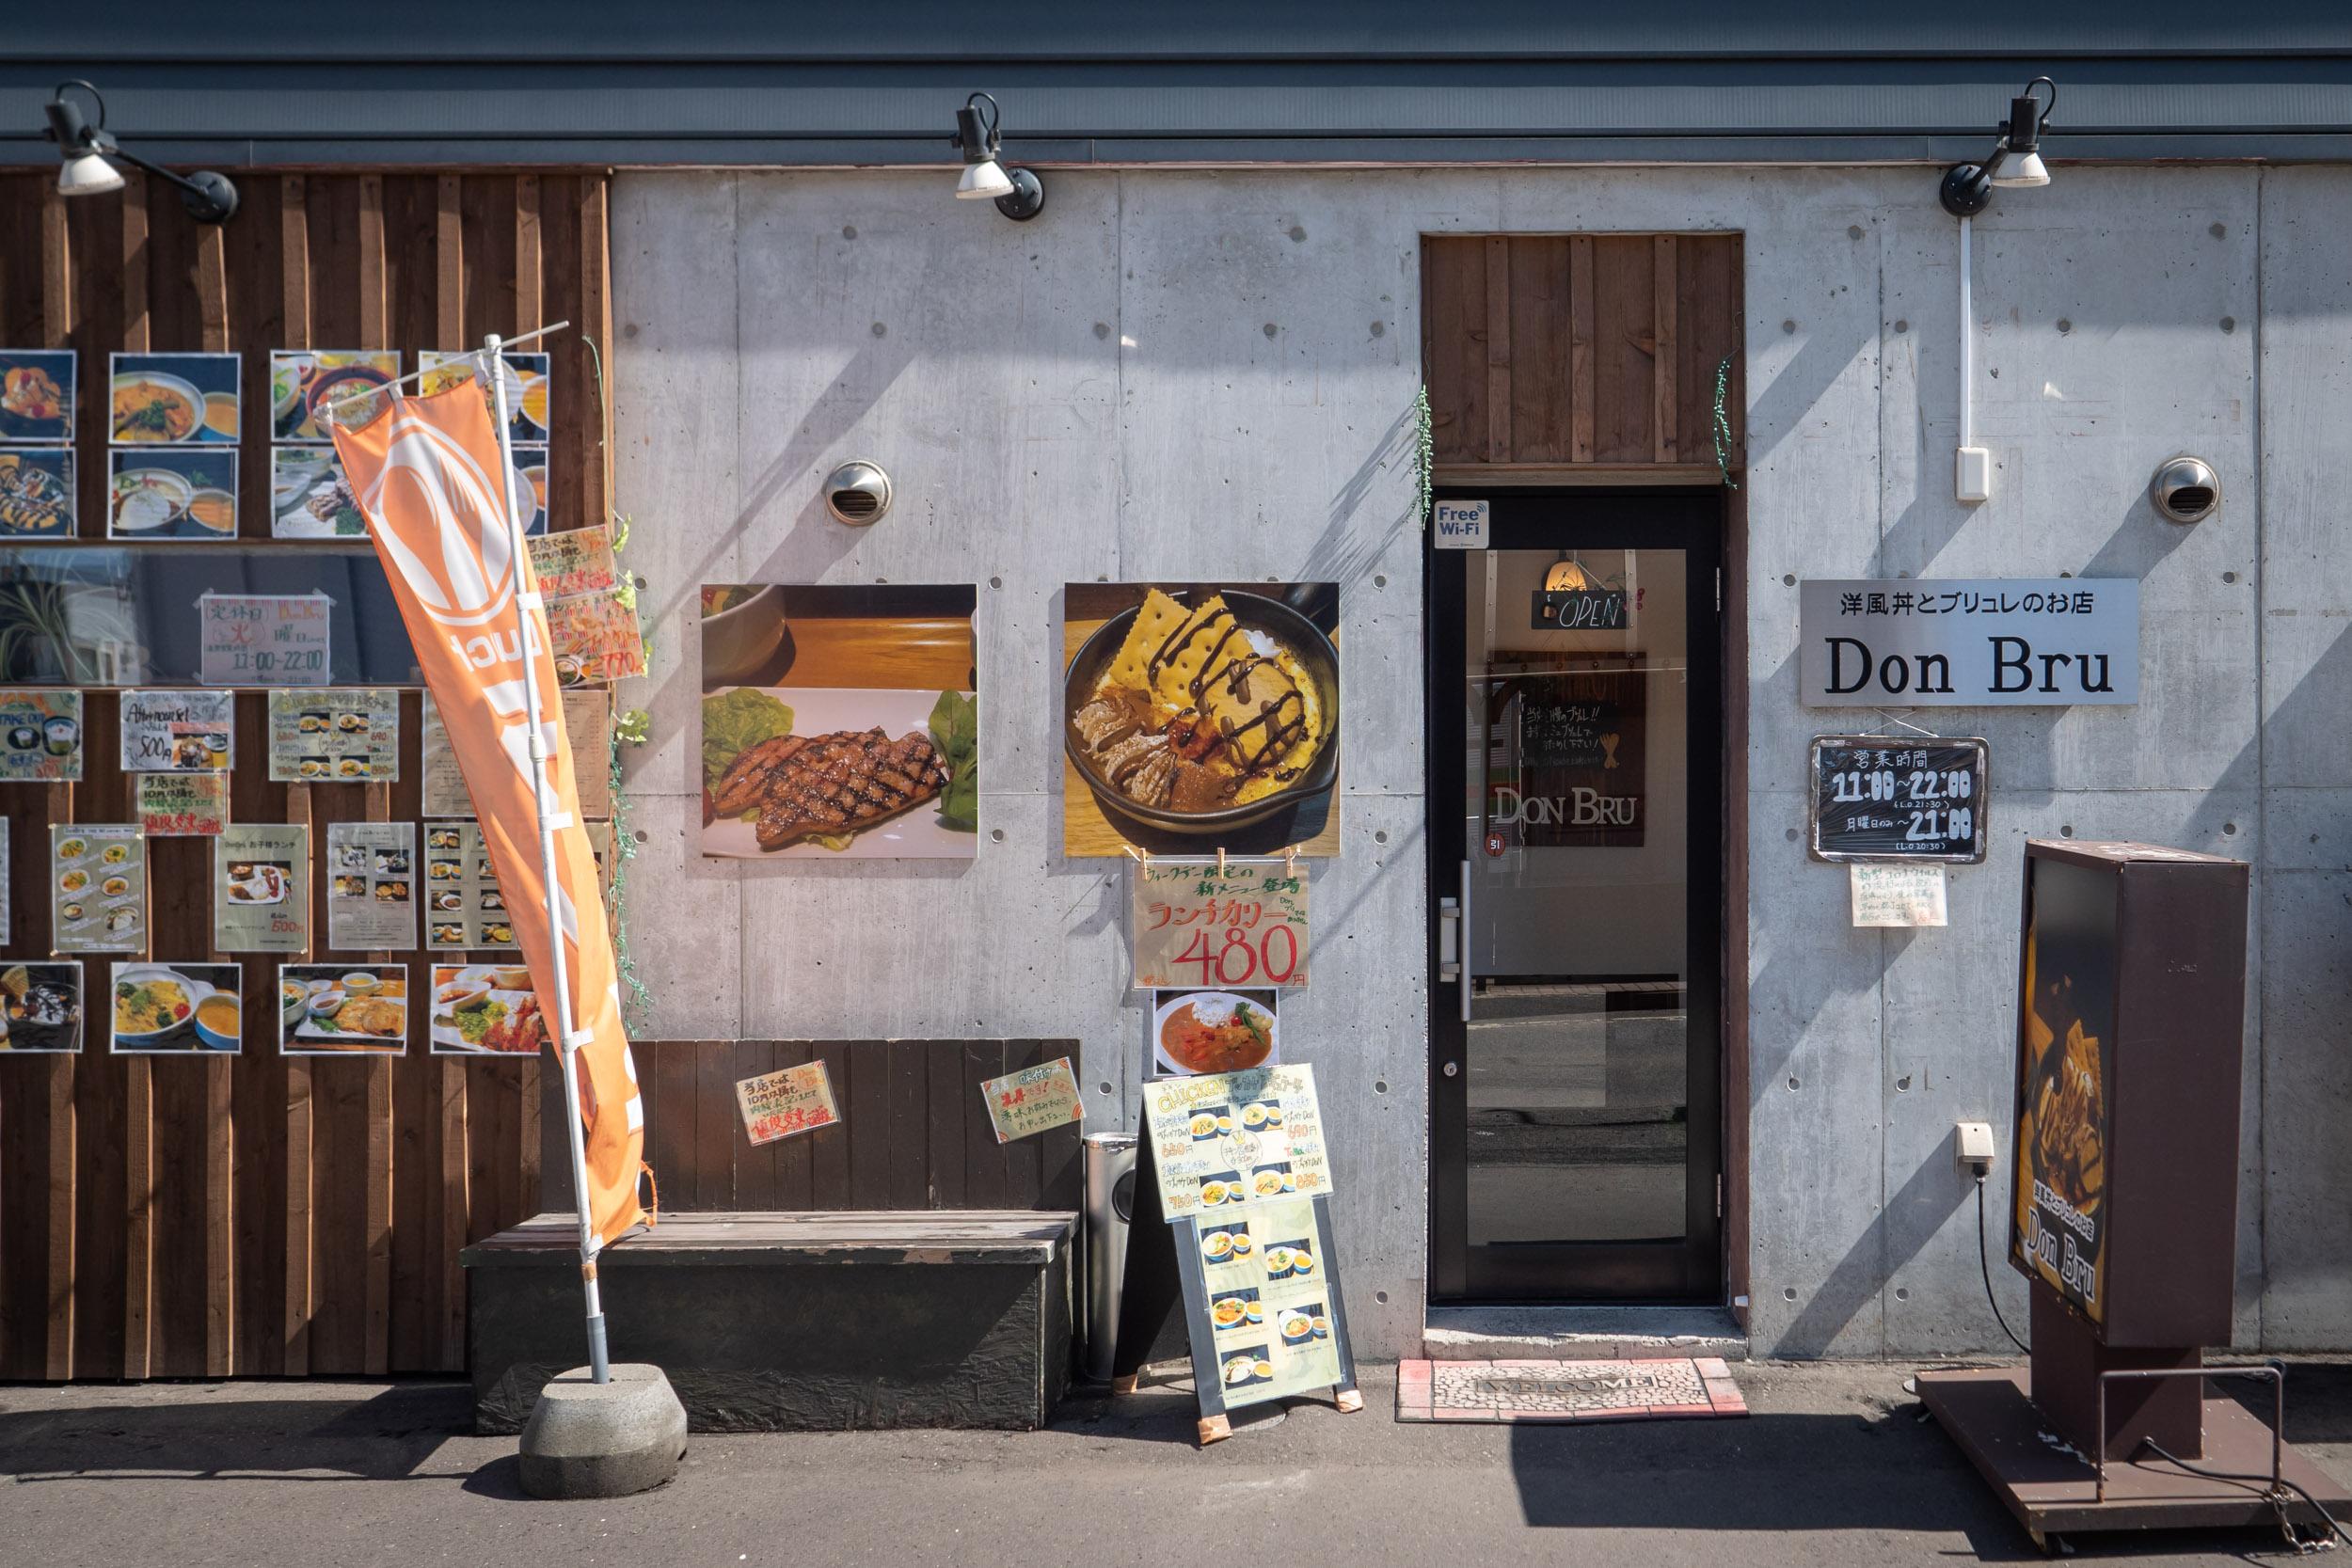 洋風丼とブリュレのお店 DonBru (ドンブリュ)の入口 DMC-GX8 + LEICA DG 12-60mm